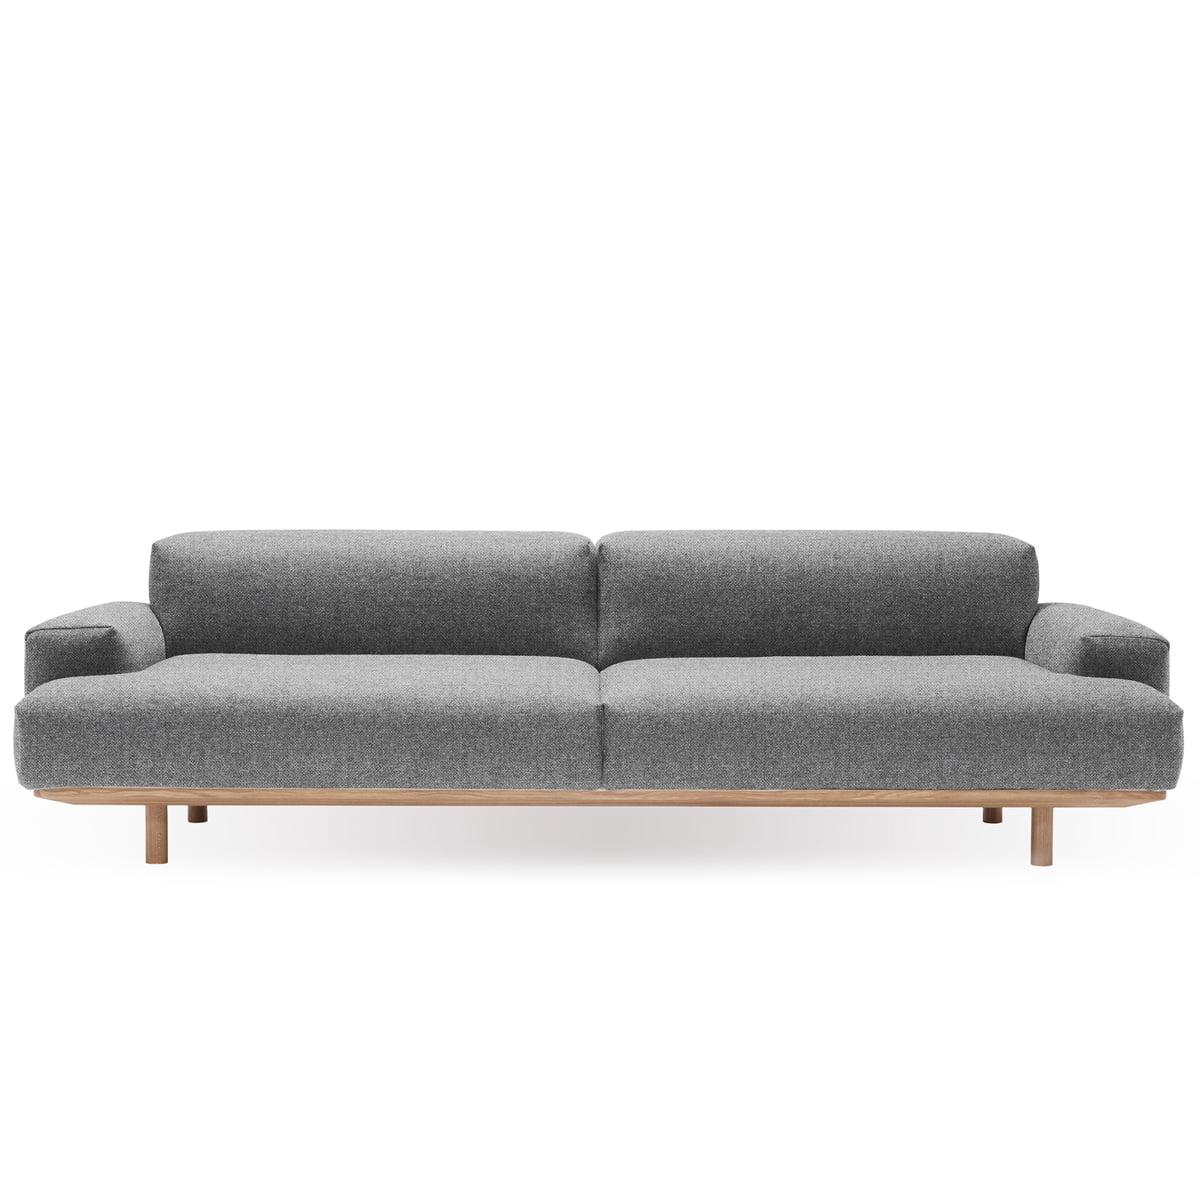 Reason-Sofa 2,5-Sitzer von bruunmunch im Shop